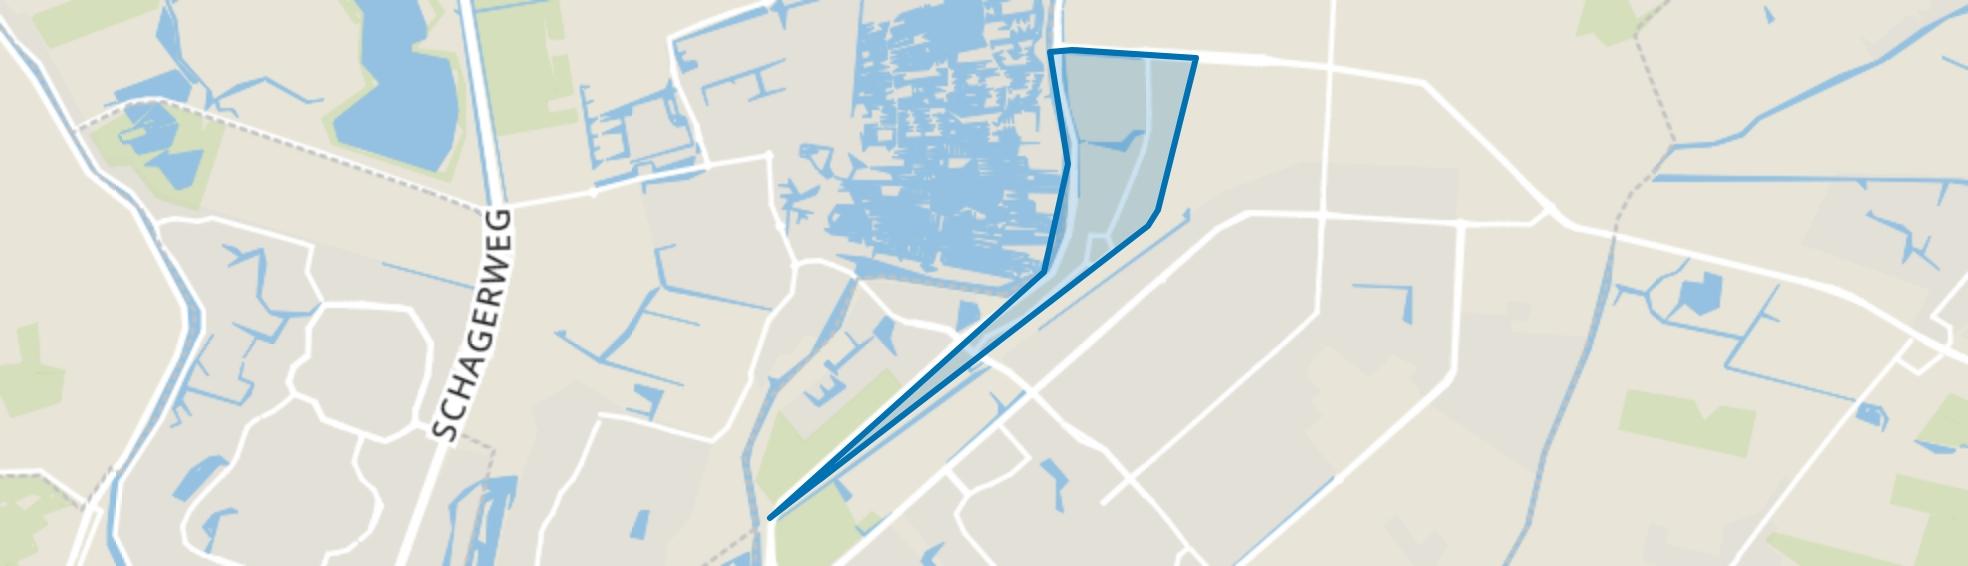 Zandhorst 1, Heerhugowaard map